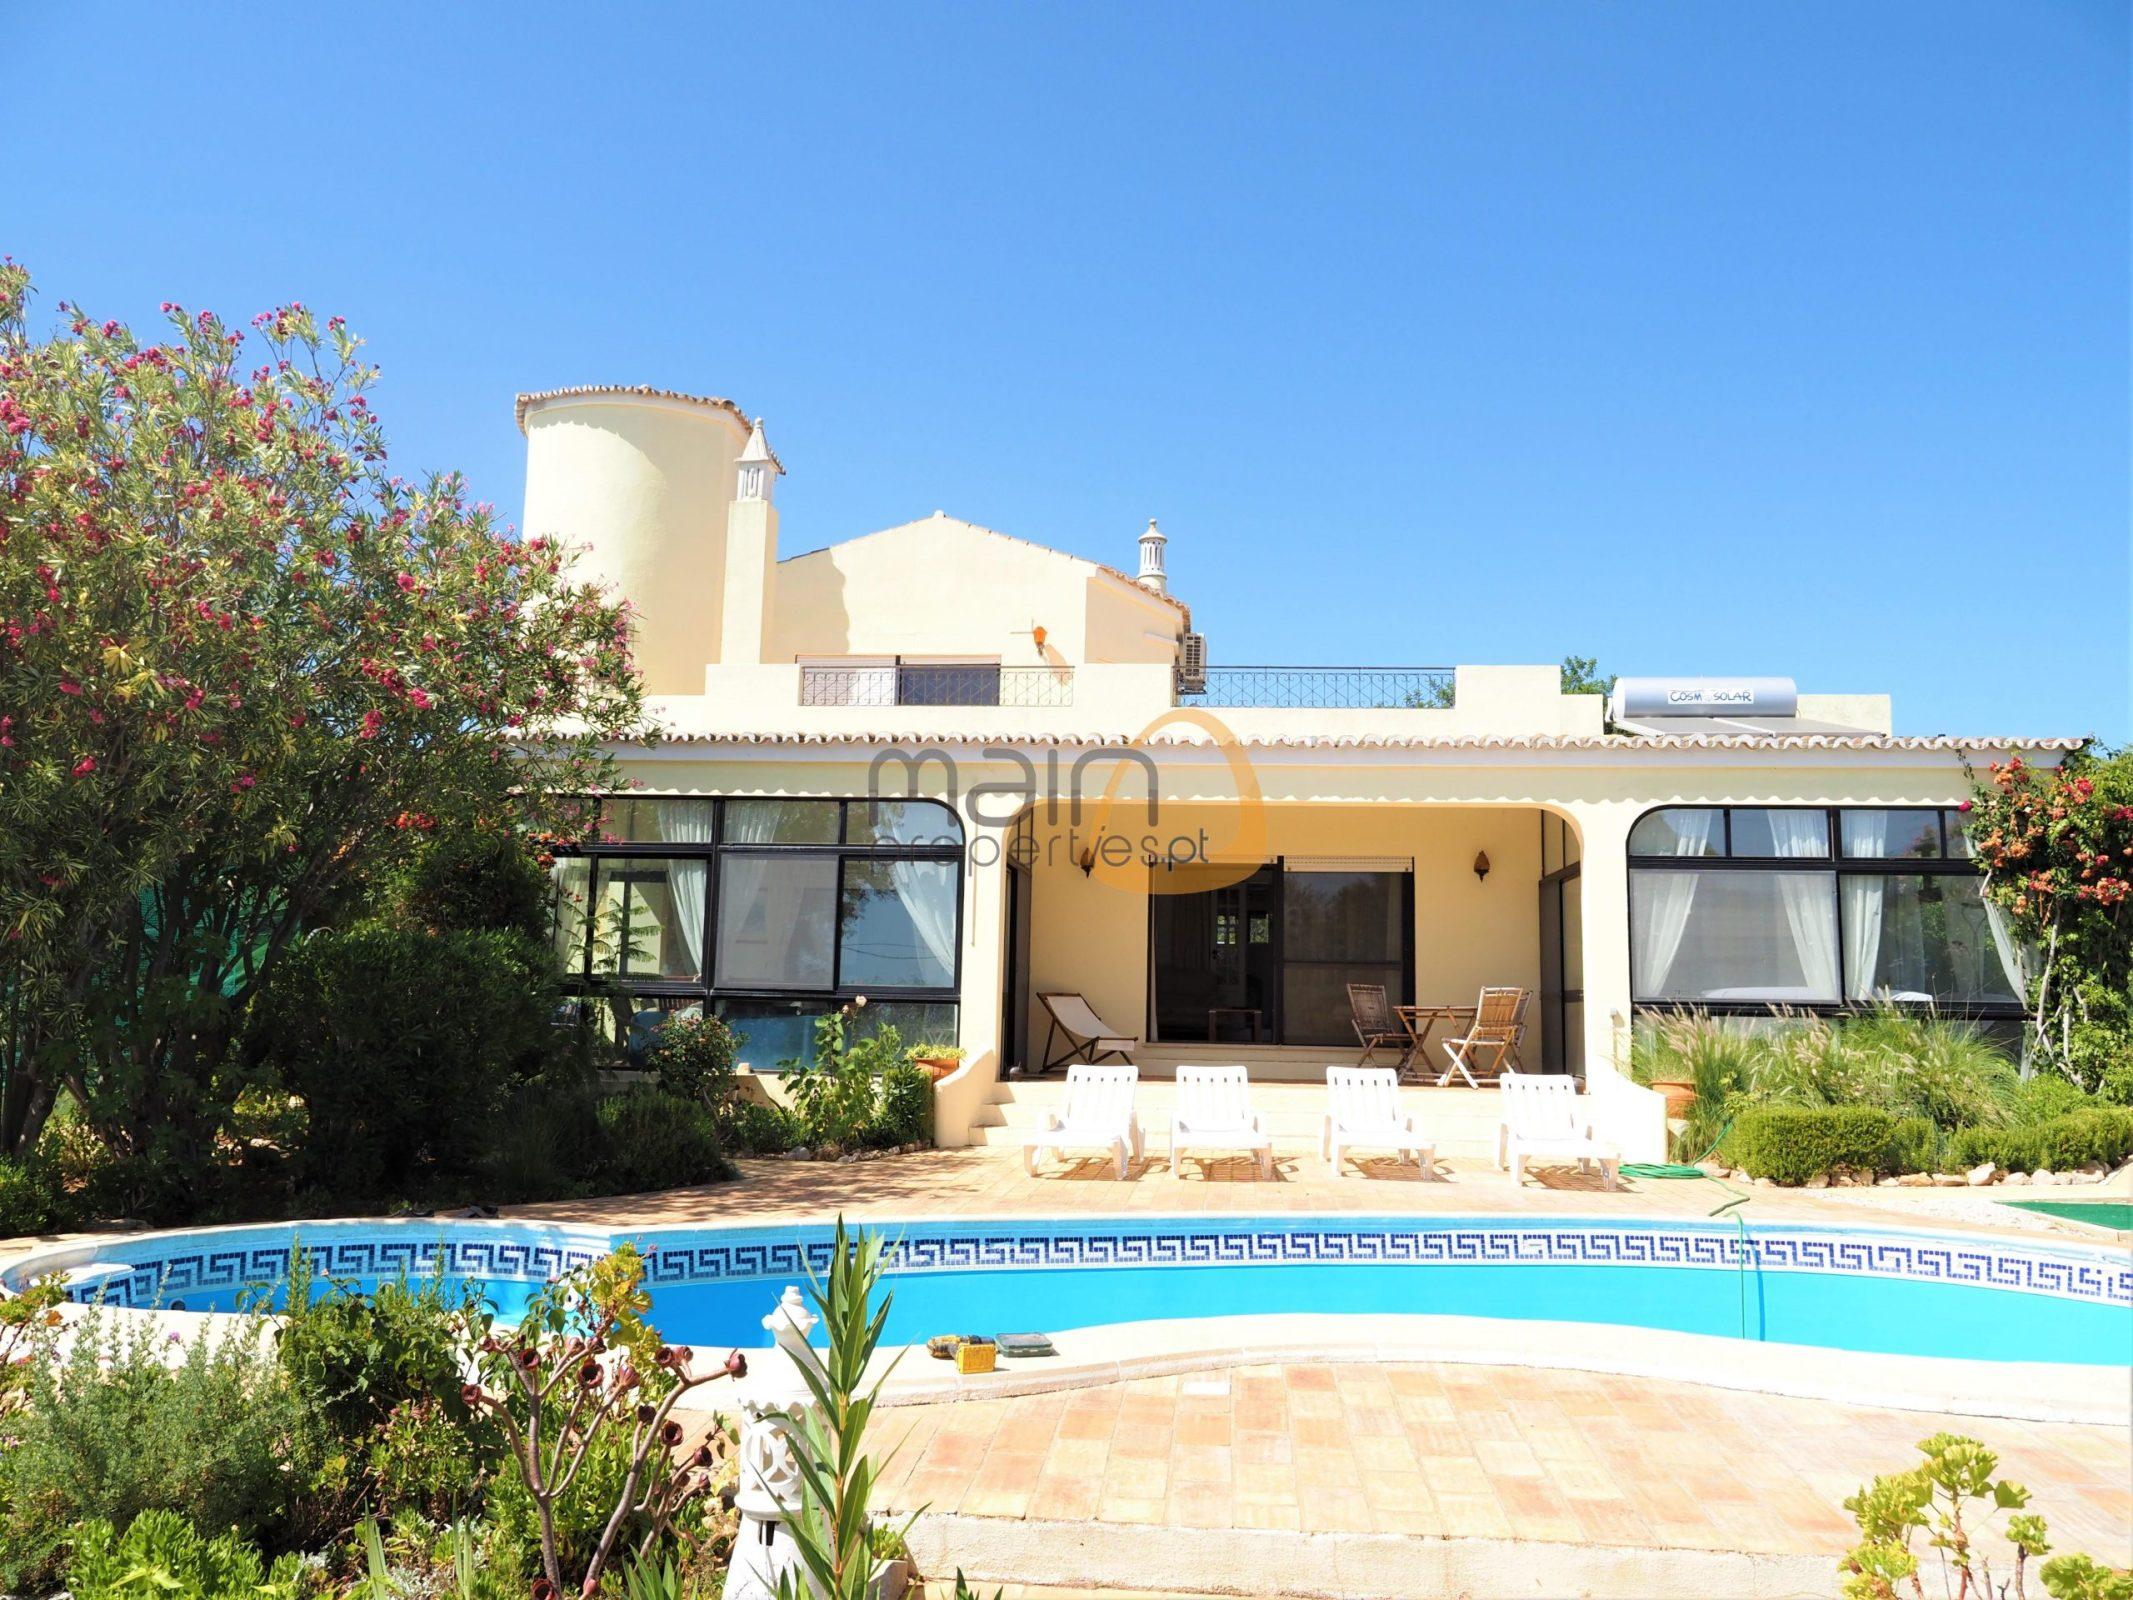 3 bedroom villa with golf course in Santa Barbara de Nexe